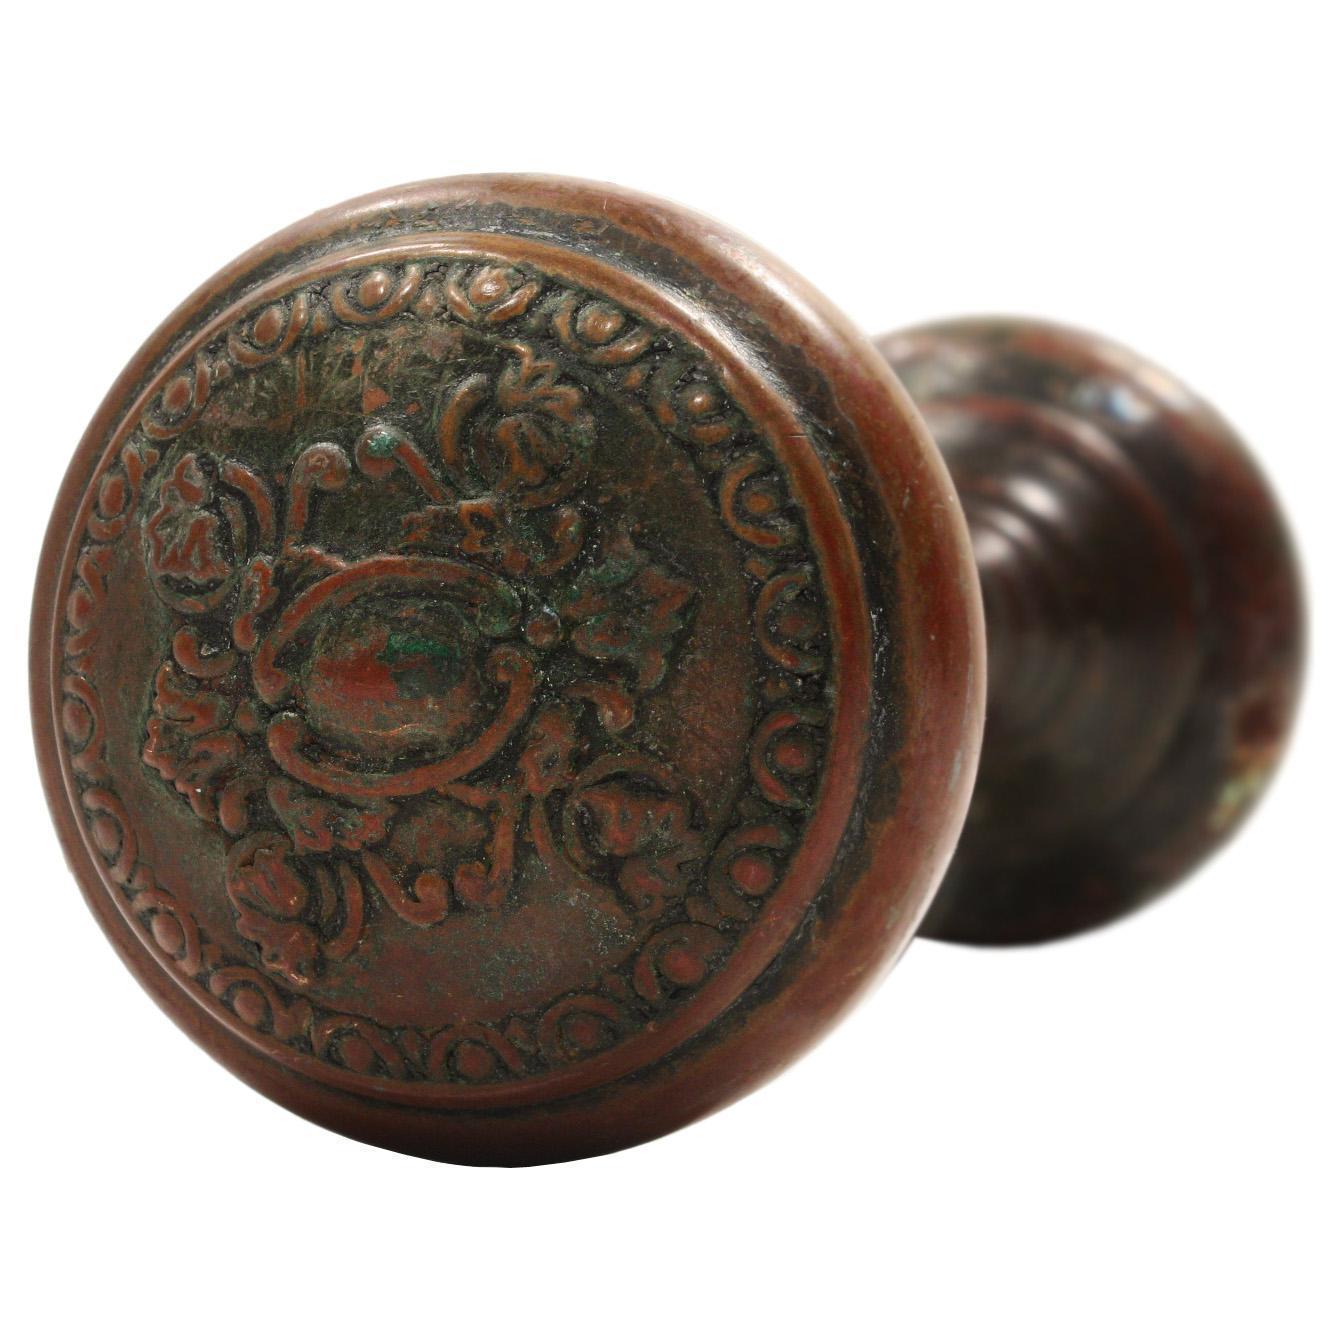 Antique Neoclassical Bronze Doorknob Set, Early 1900s